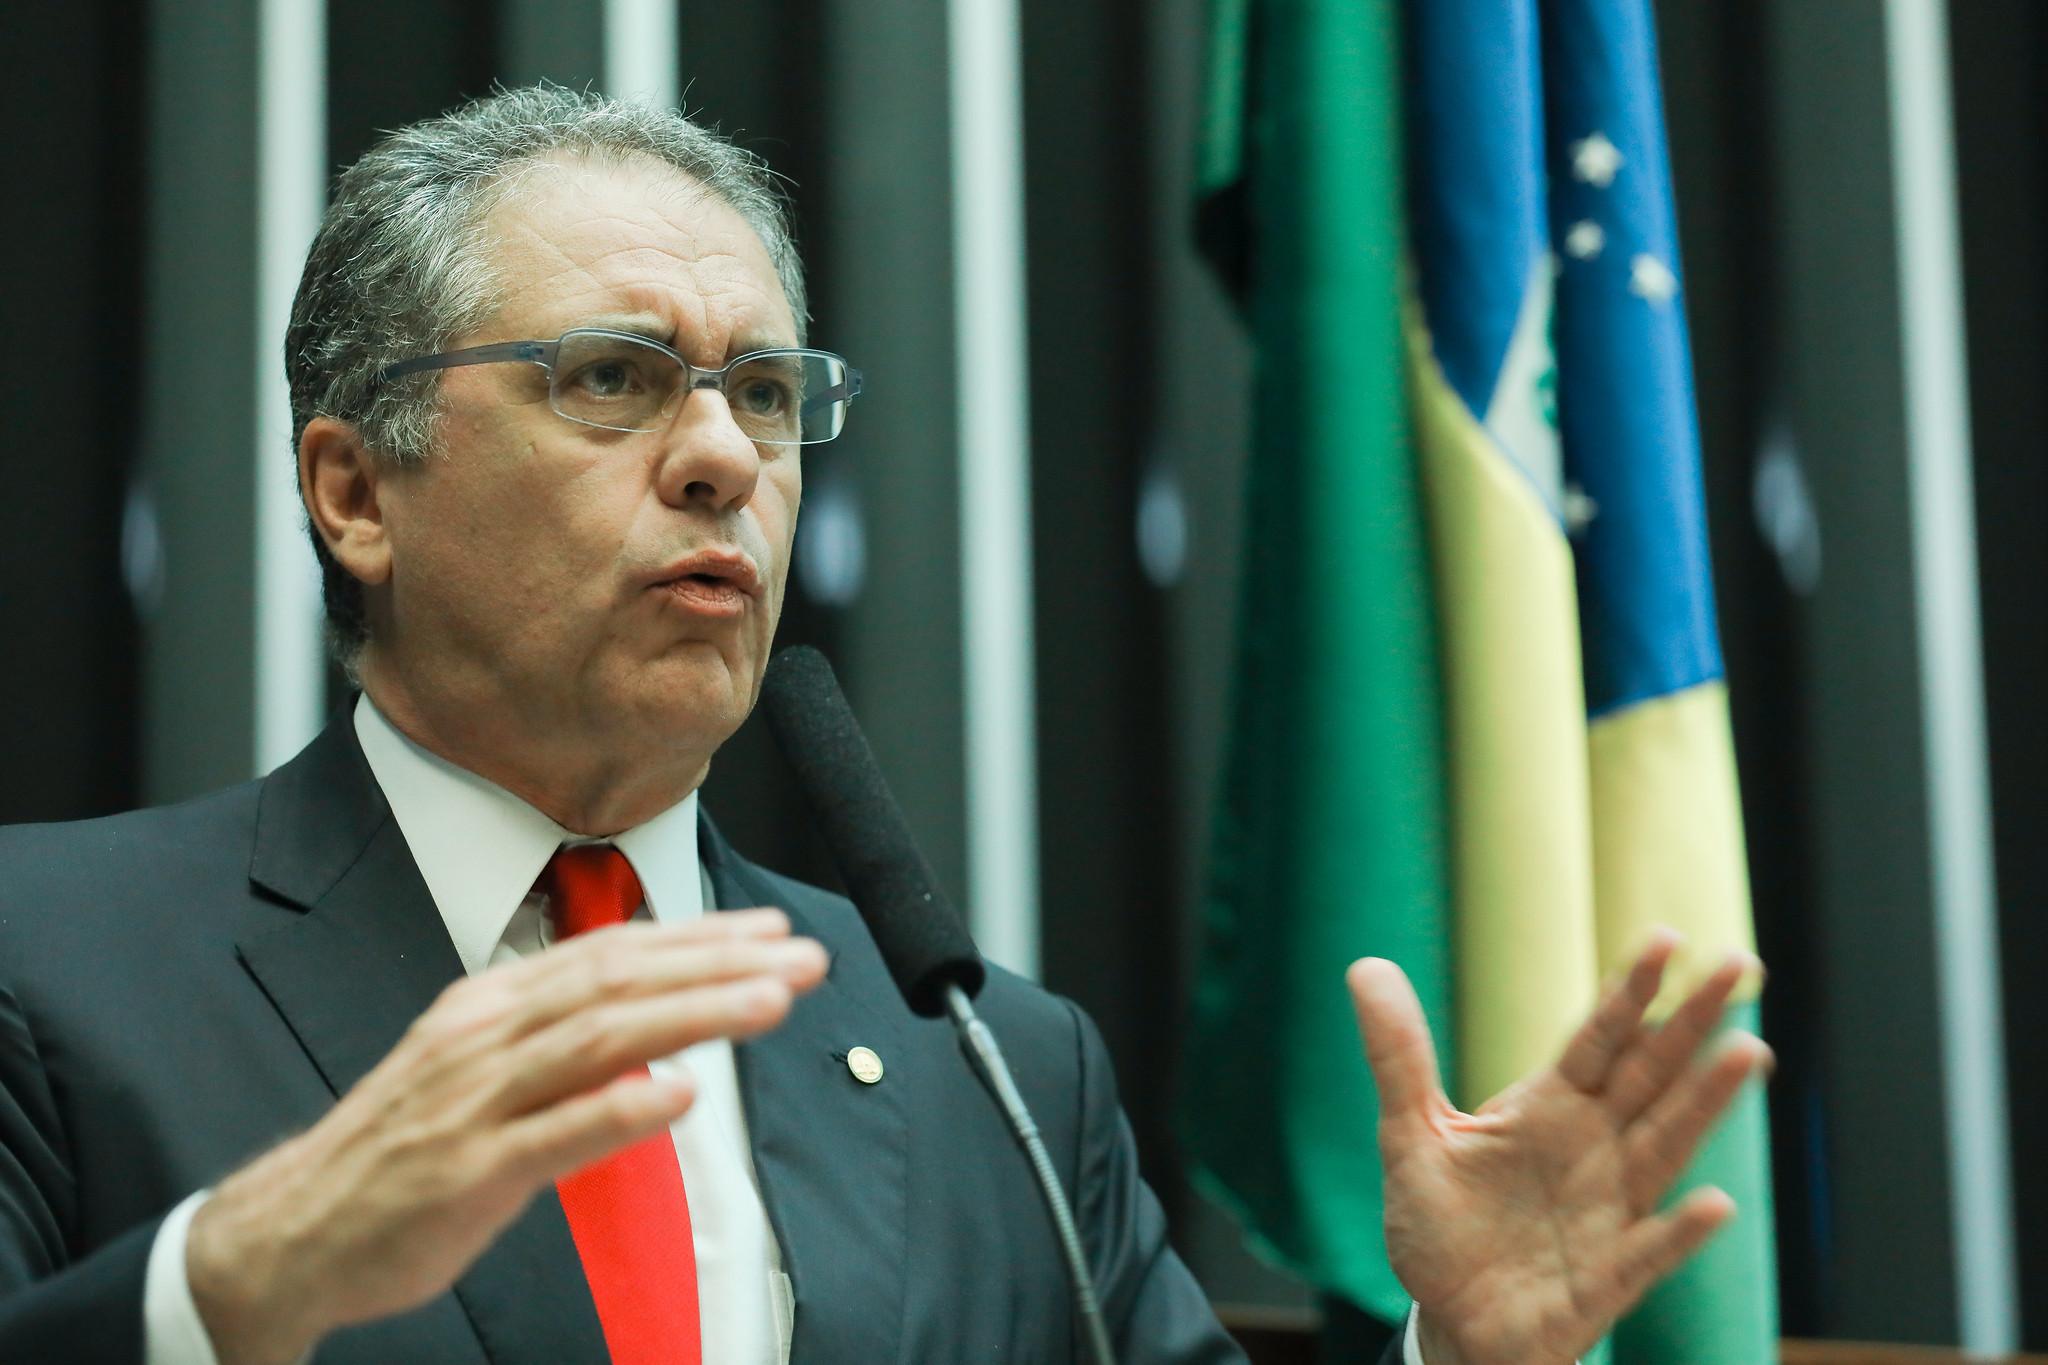 Deputados do PSL temem que CPMI revele envolvimento de membros do governo Bolsonaro com fake news, afirmam petistas